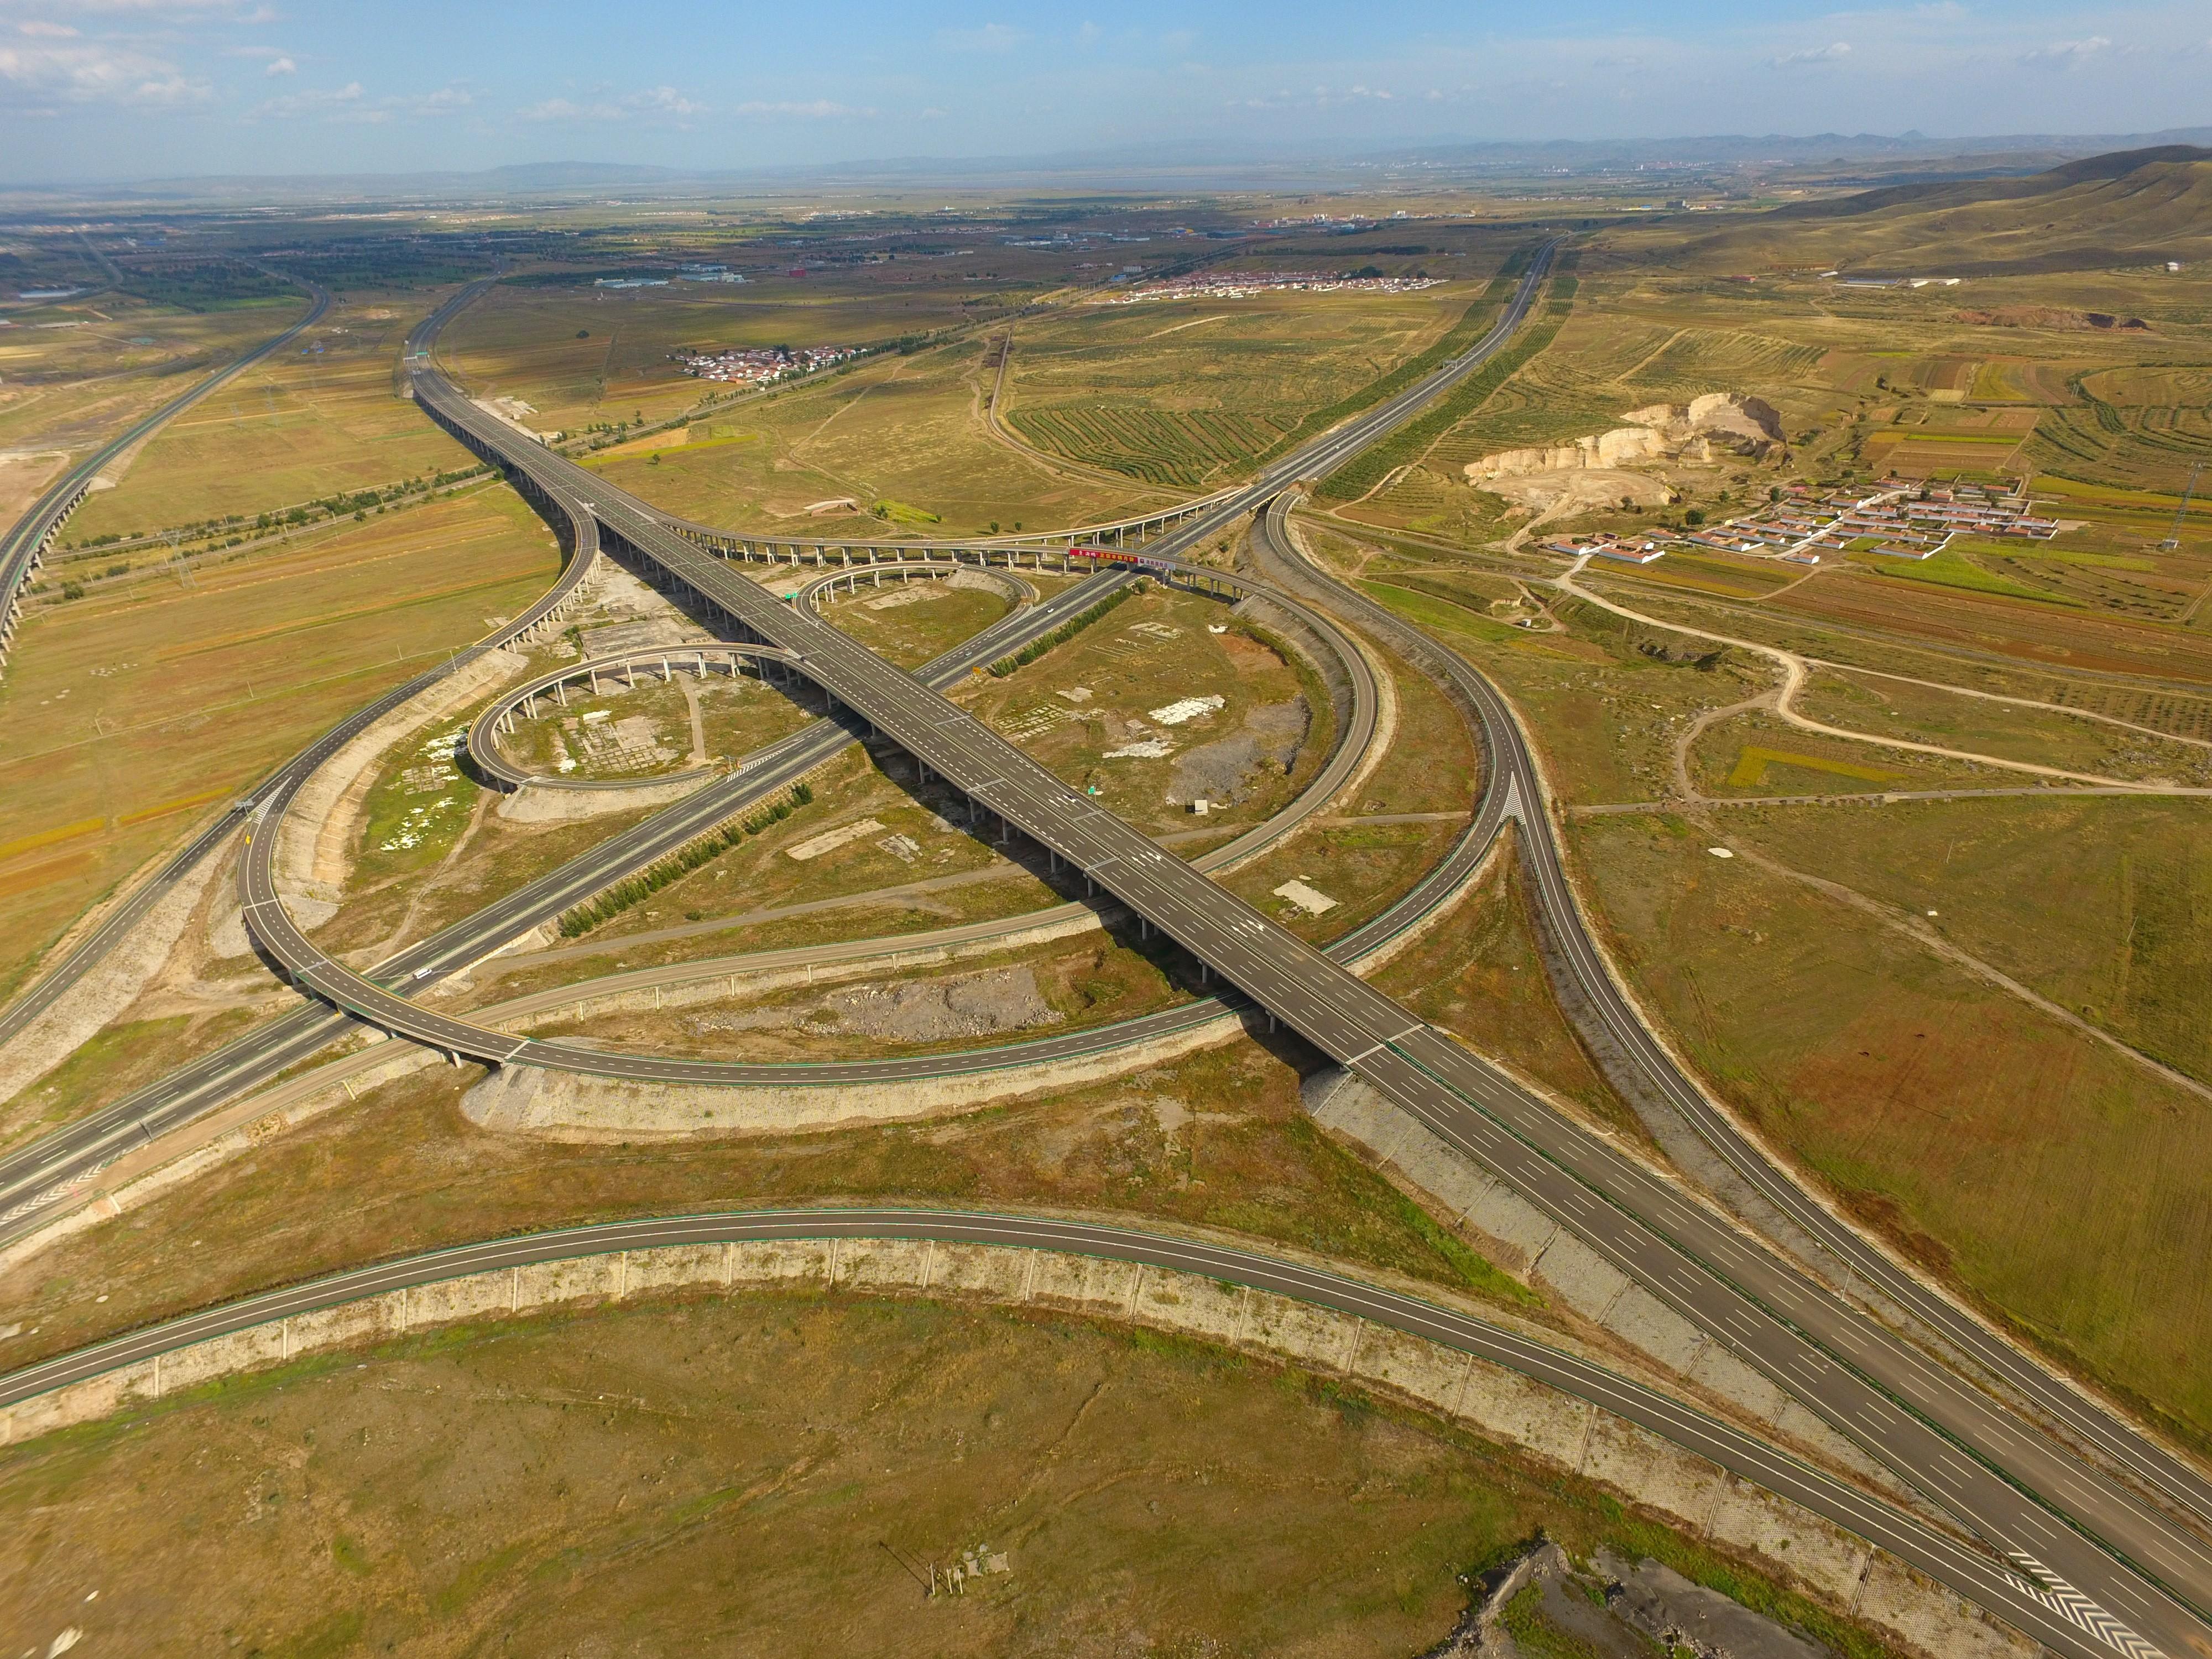 5内蒙古京新高速公路,是国家高速公路网的重要通道,战略地位突出、维稳戍边意义重大,是万博官网登录入口万博manbetx官网入口首次在内蒙古承建高速公路,2016年建成通车.jpg